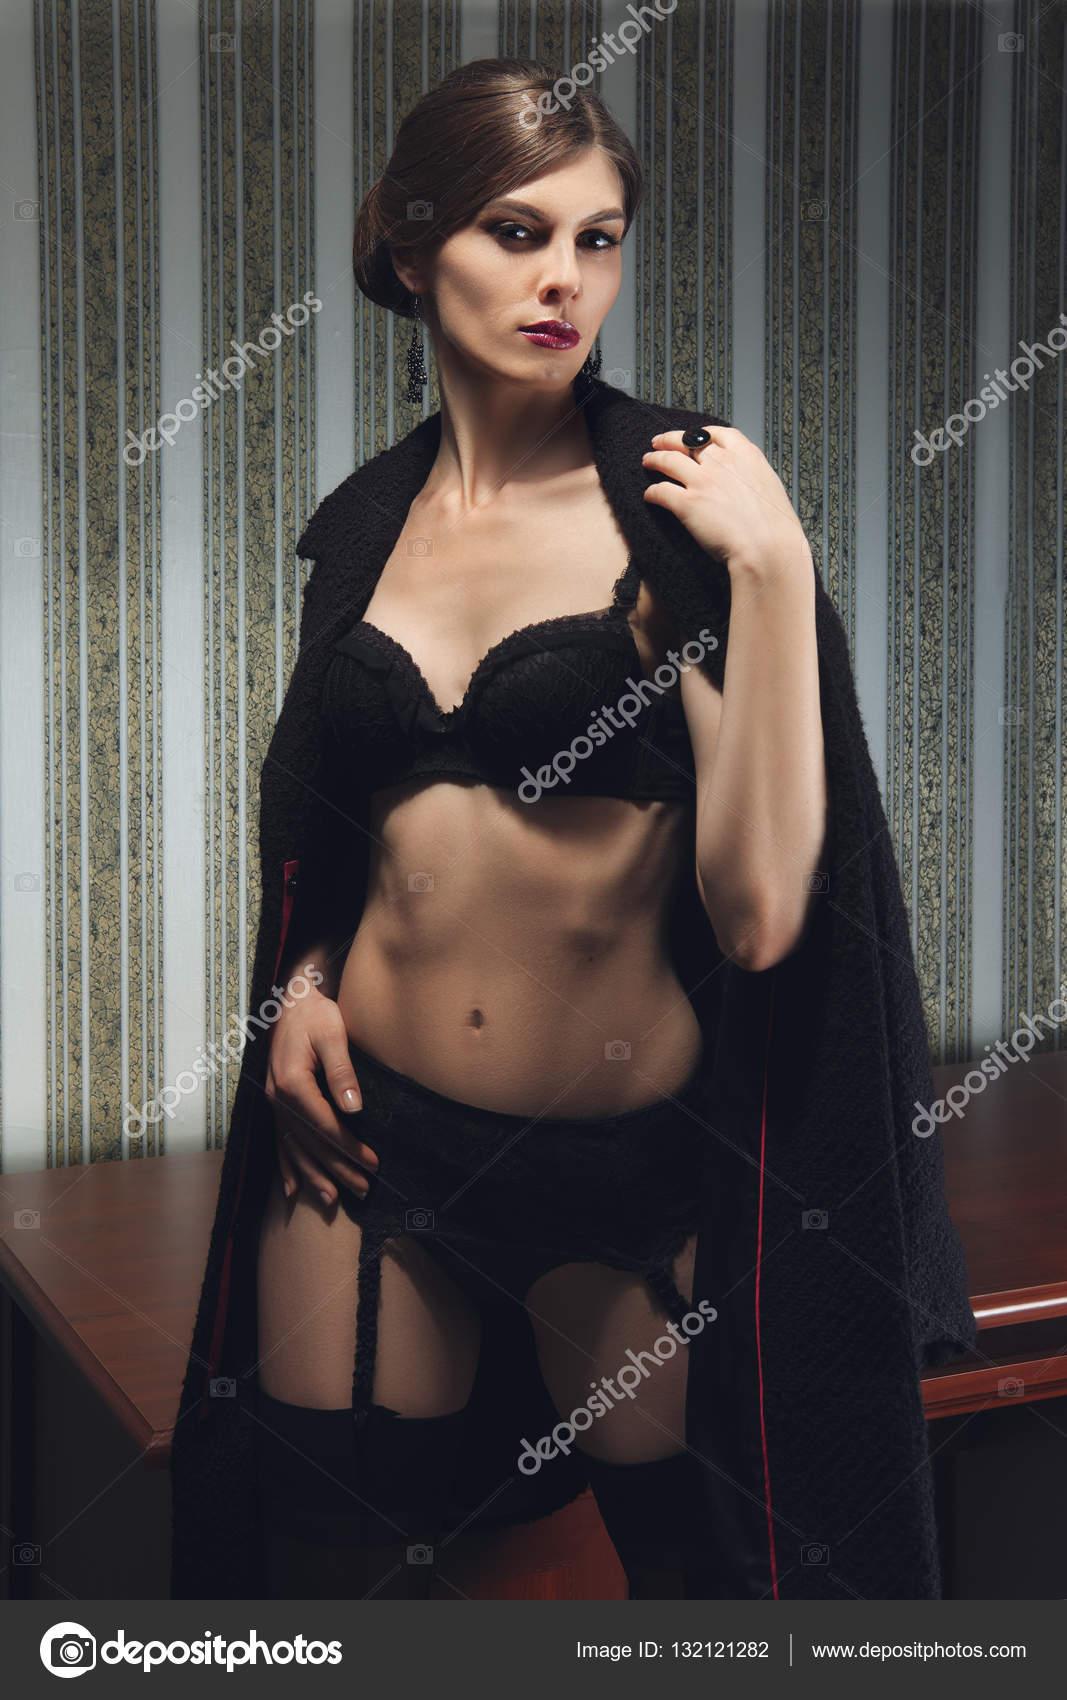 8520732b0ee7 Señora hermosa en lencería negra sexy, medias y abrigo de lana ...